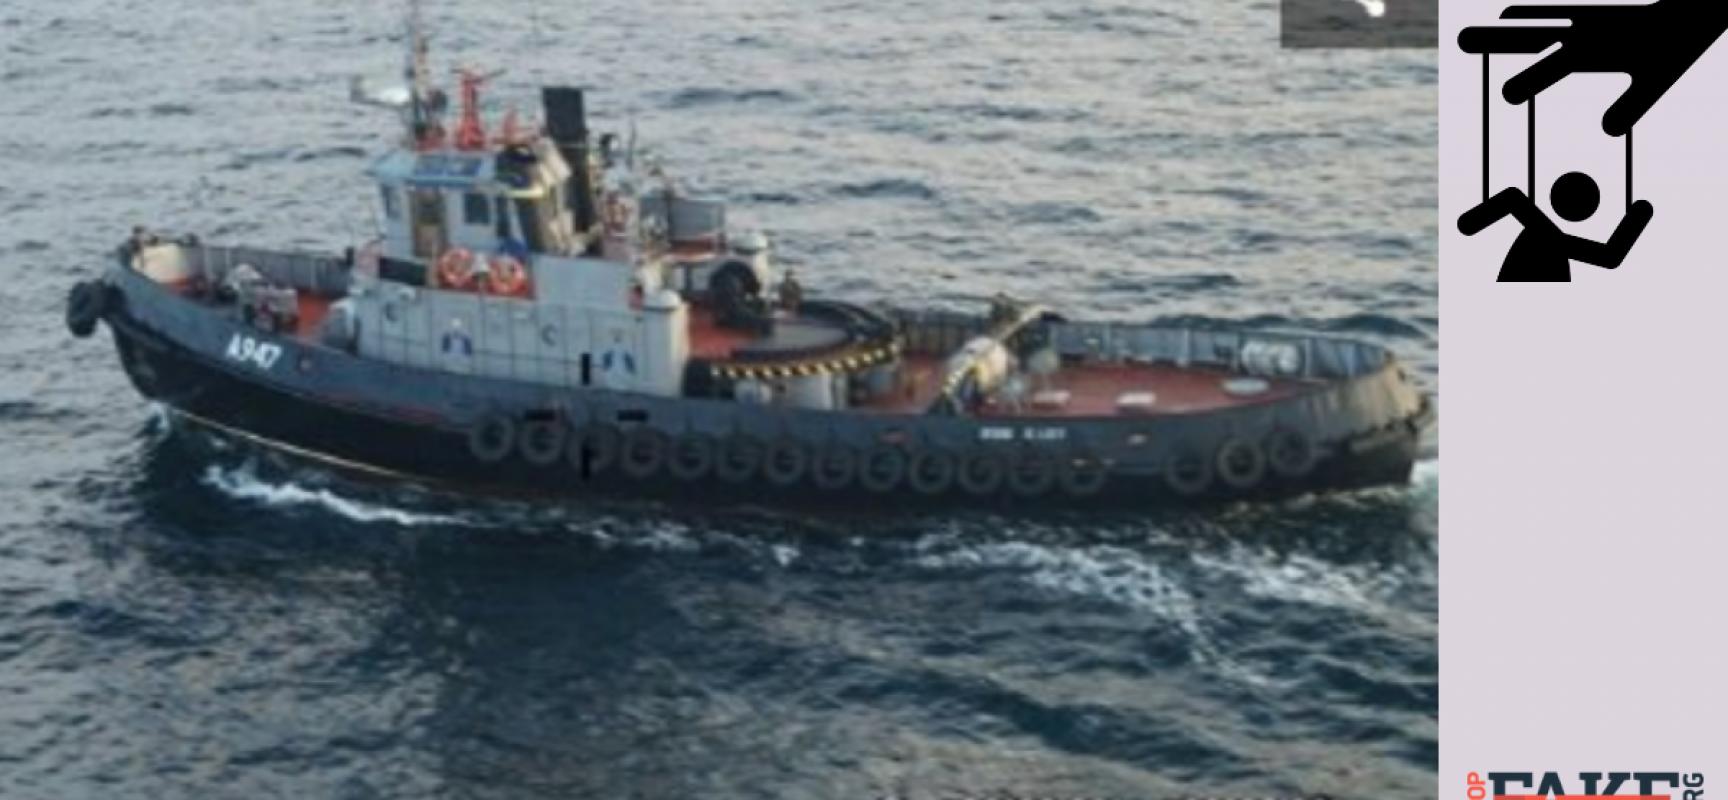 """Manipolazioni dei media russi sul sequestro delle navi della marina ucraina: """"Kiev ha fatto la provocazione e ha deciso di incolpare Mosca"""""""